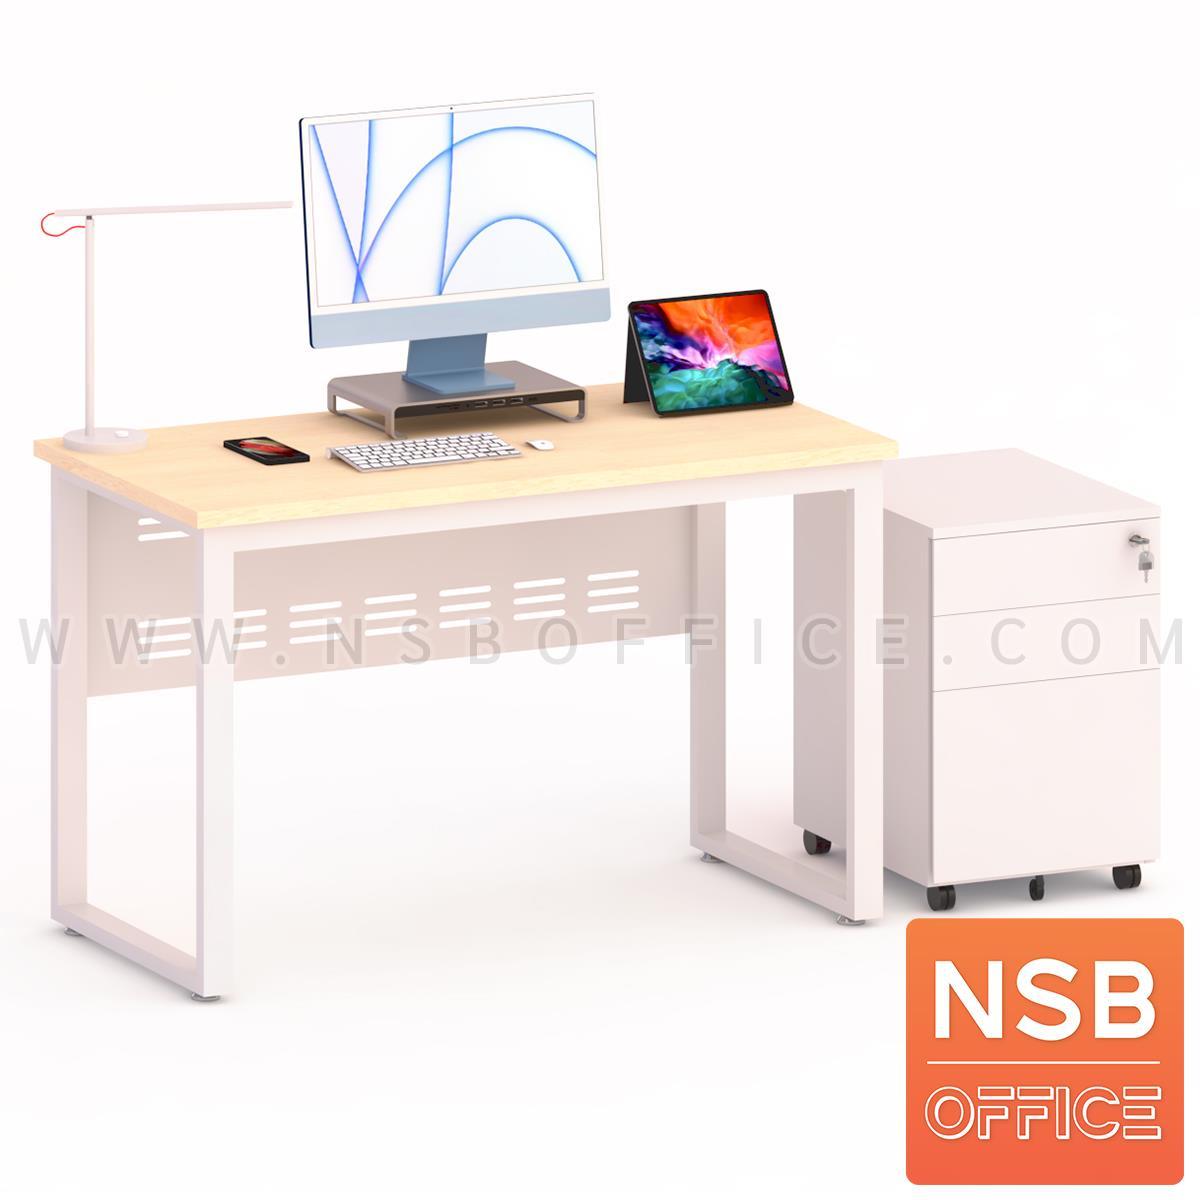 โต๊ะทำงาน บังตาเหล็ก รุ่น Aaron (อาร์รอน)   พร้อมตู้ลิ้นชักล้อเลื่อน